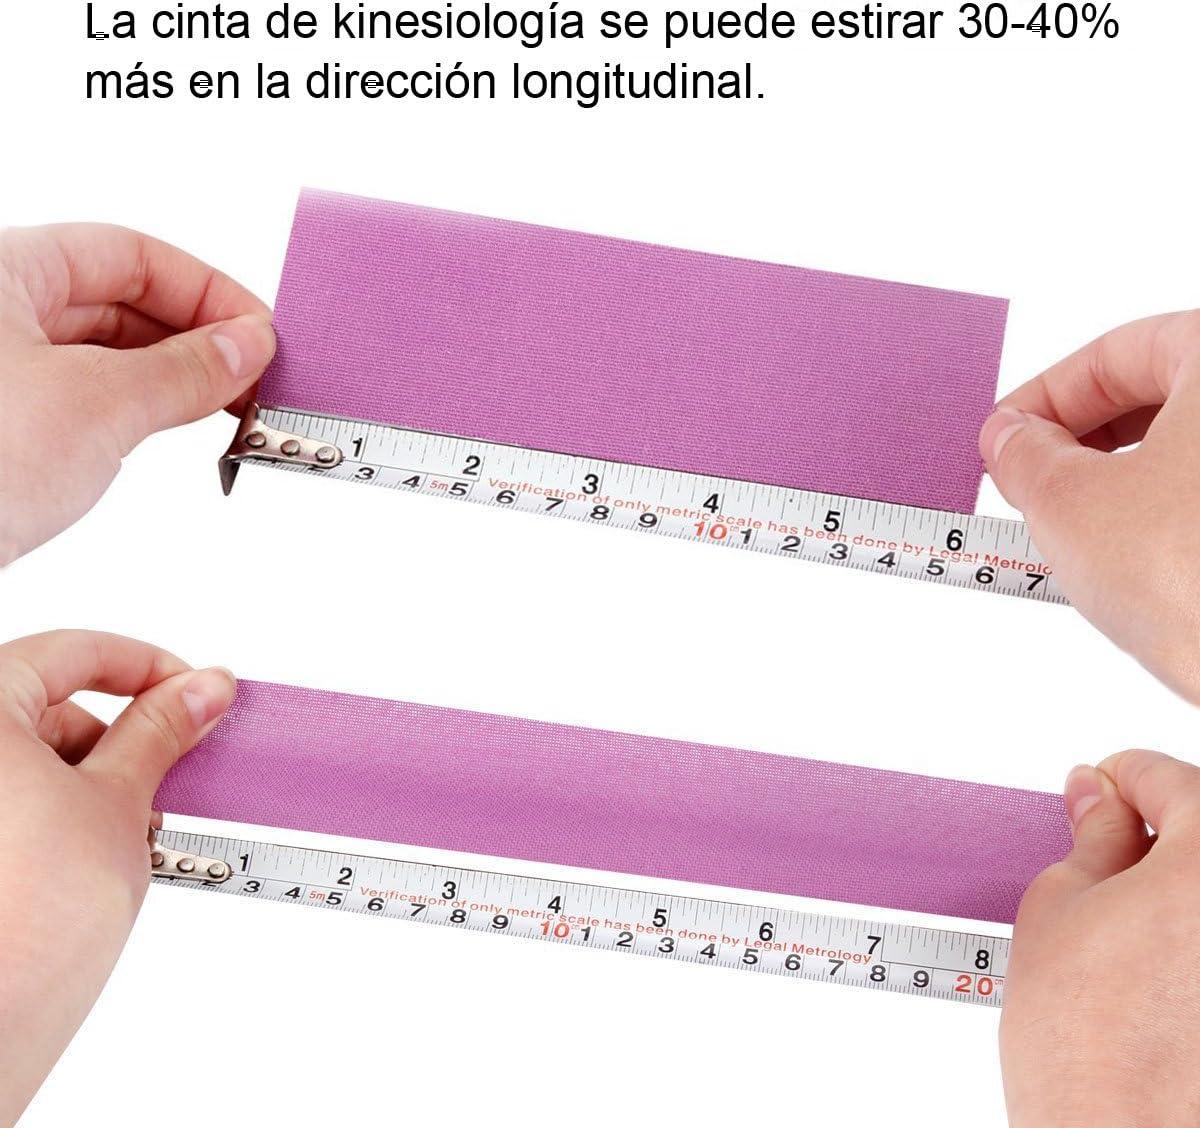 Cinta Kinesiología, Kinesiología Tape, Cinta quinesiológica, cinta ...